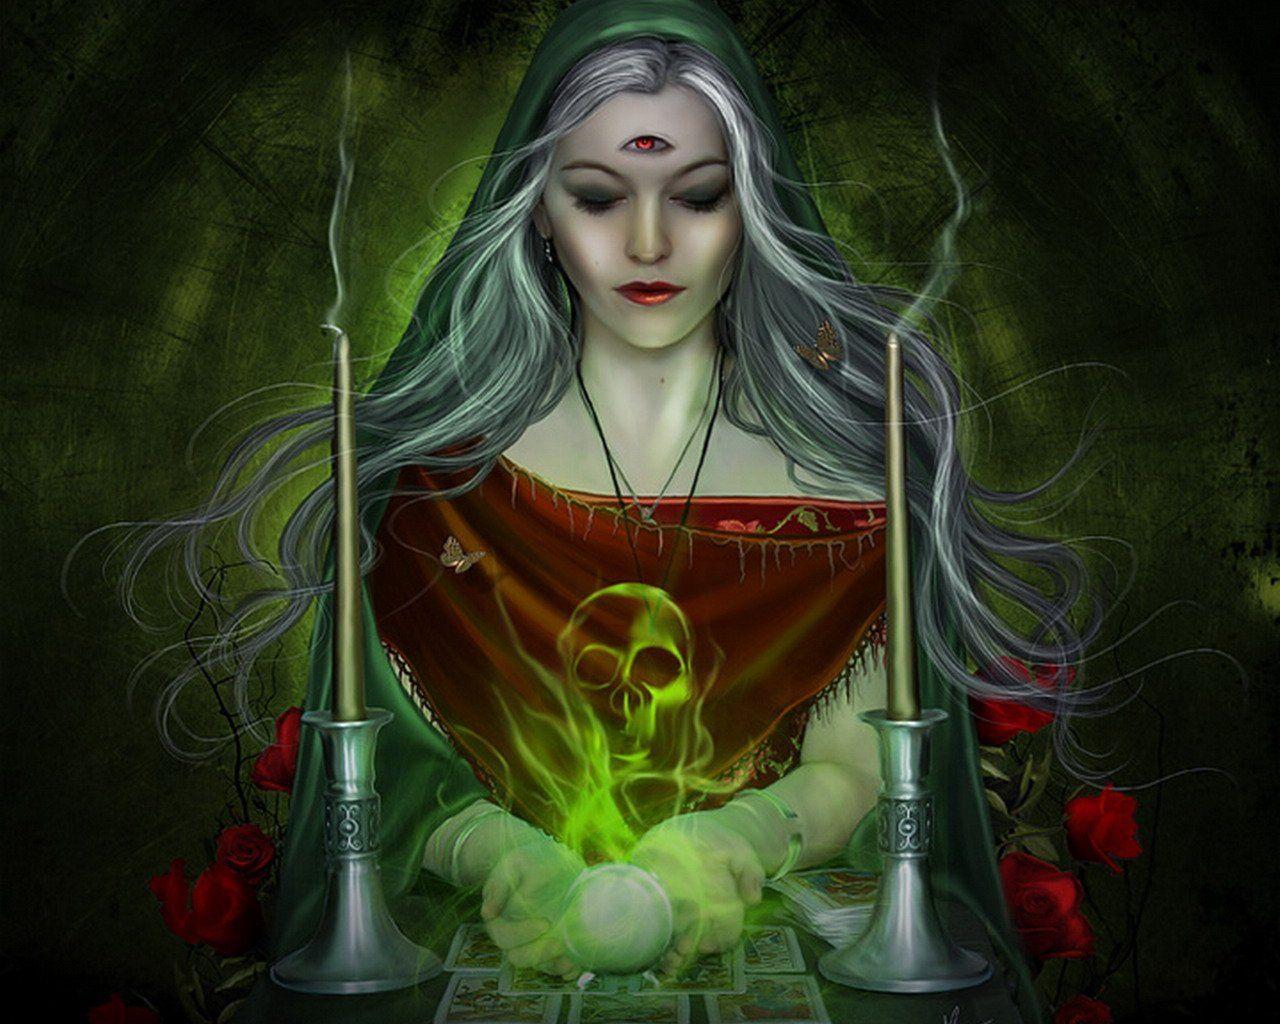 """✿ღ‿§§R♥Z§§ღ‿✿╮ ☆.•*""""˜˜""""*•.¸☆ ★ ☆¸.•*""""˜˜""""*•.¸☆✿☆ gotic"""